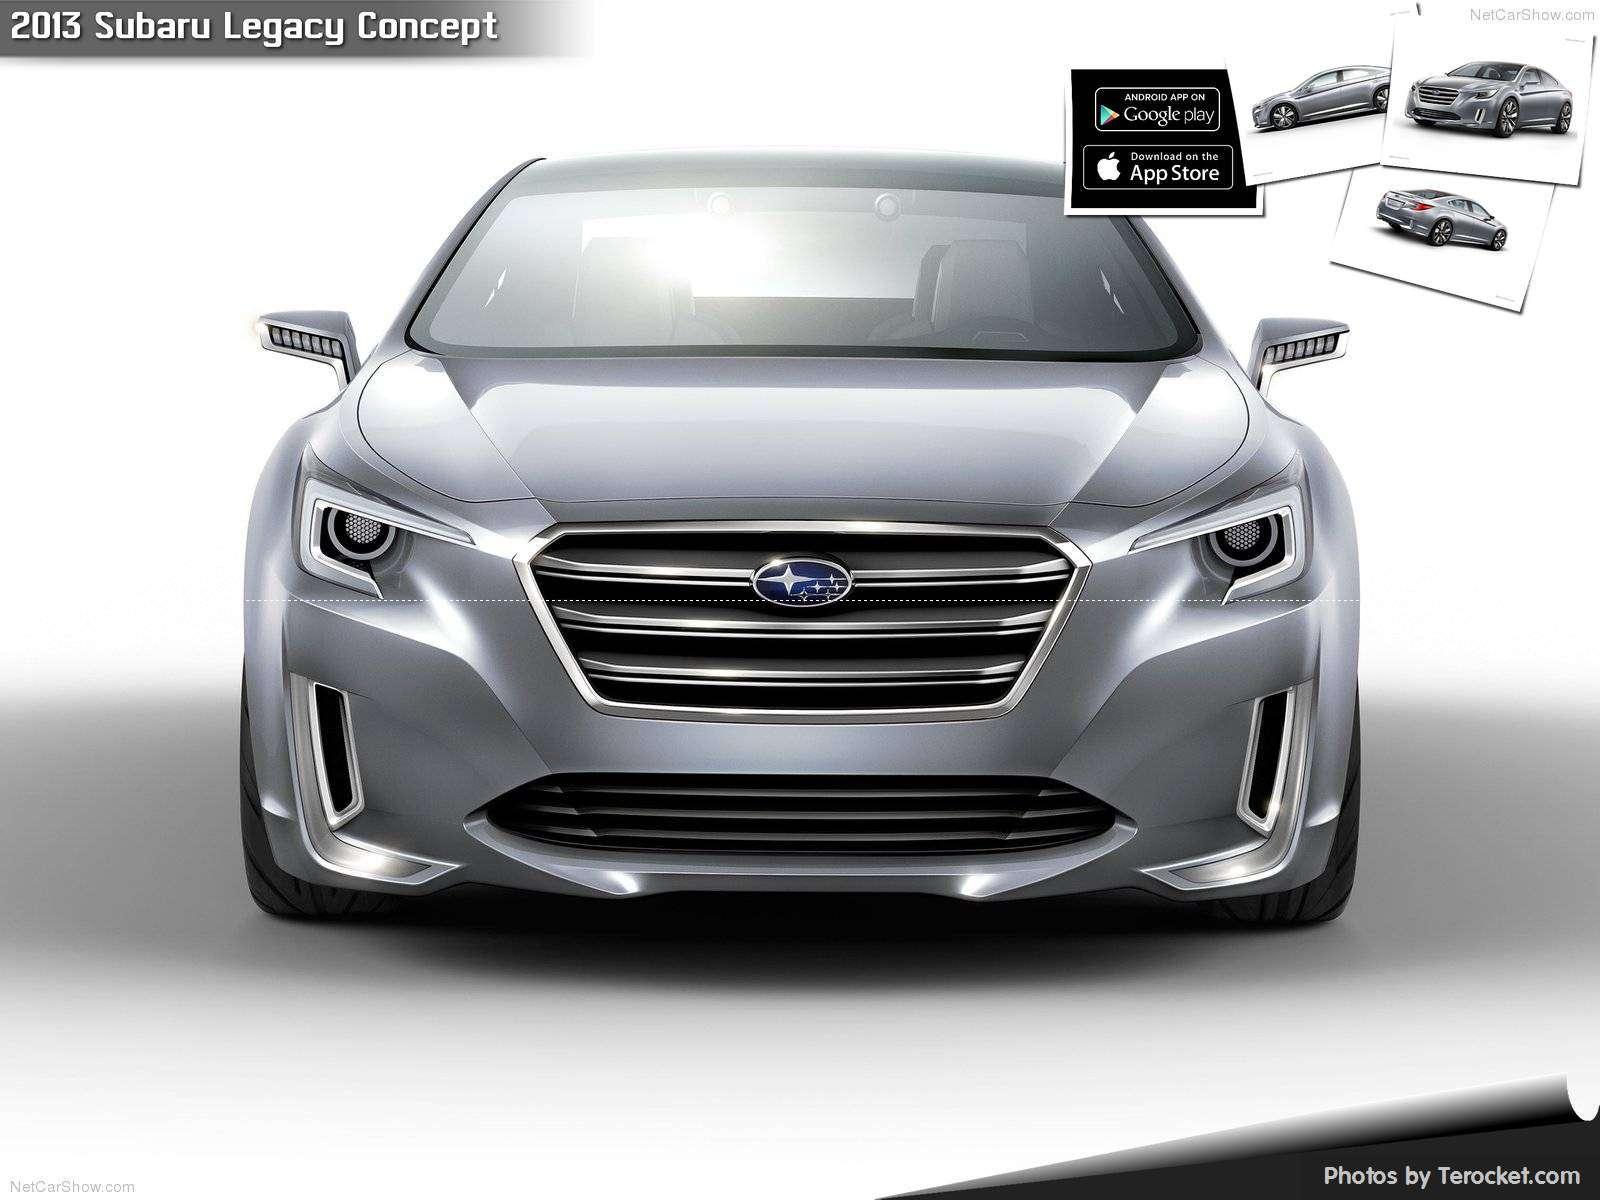 Hình ảnh xe ô tô Subaru Legacy Concept 2013 & nội ngoại thất